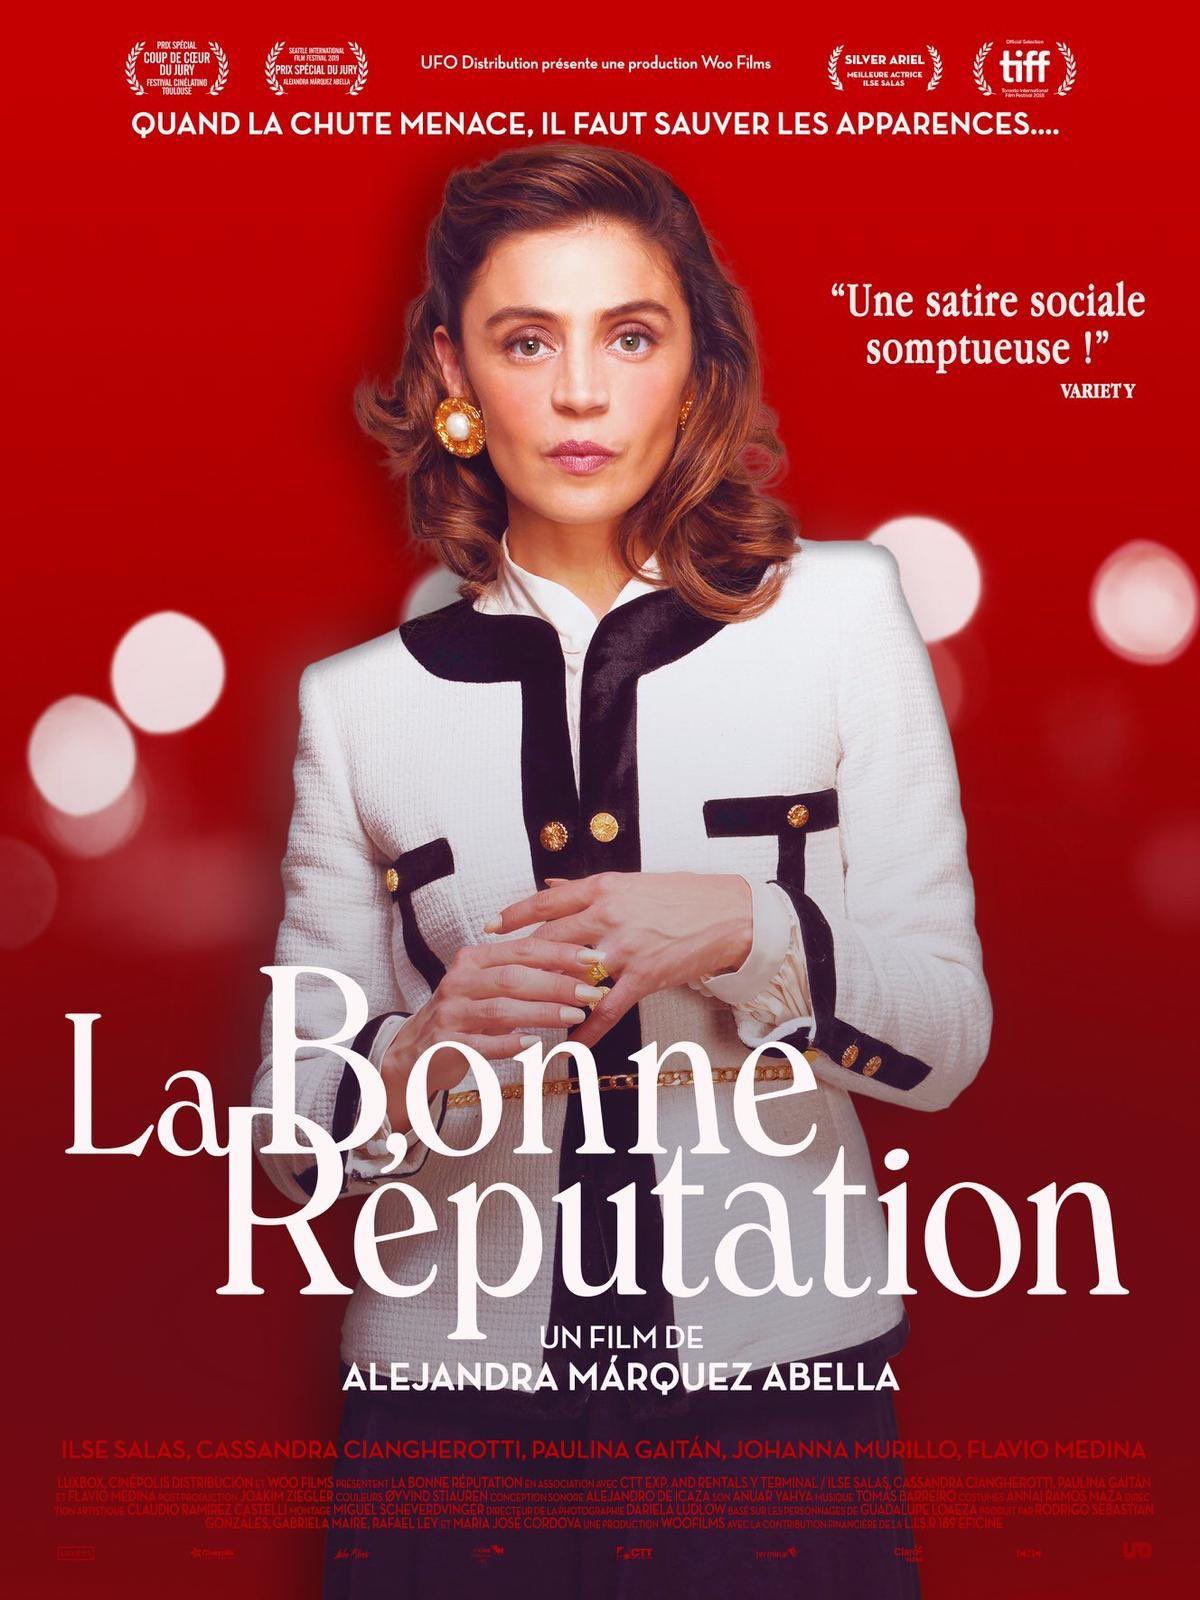 La Bonne réputation - Film (2019)